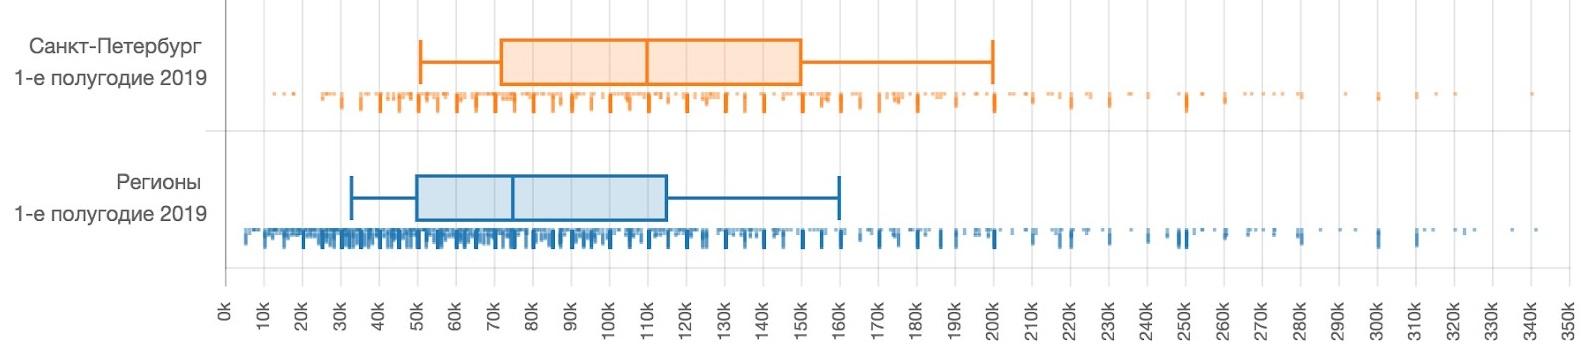 Уровень заработных плат в ИТ-отрасли в Санкт-Петербурге и регионах в первом полугодии 2019 года, по данным сервиса на «Моем круге»